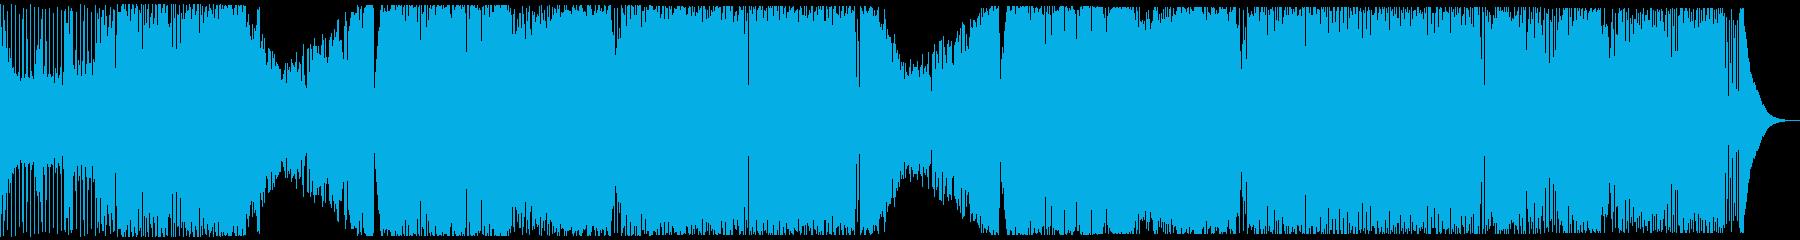 ワイルドなBIGROOM系EDMの再生済みの波形